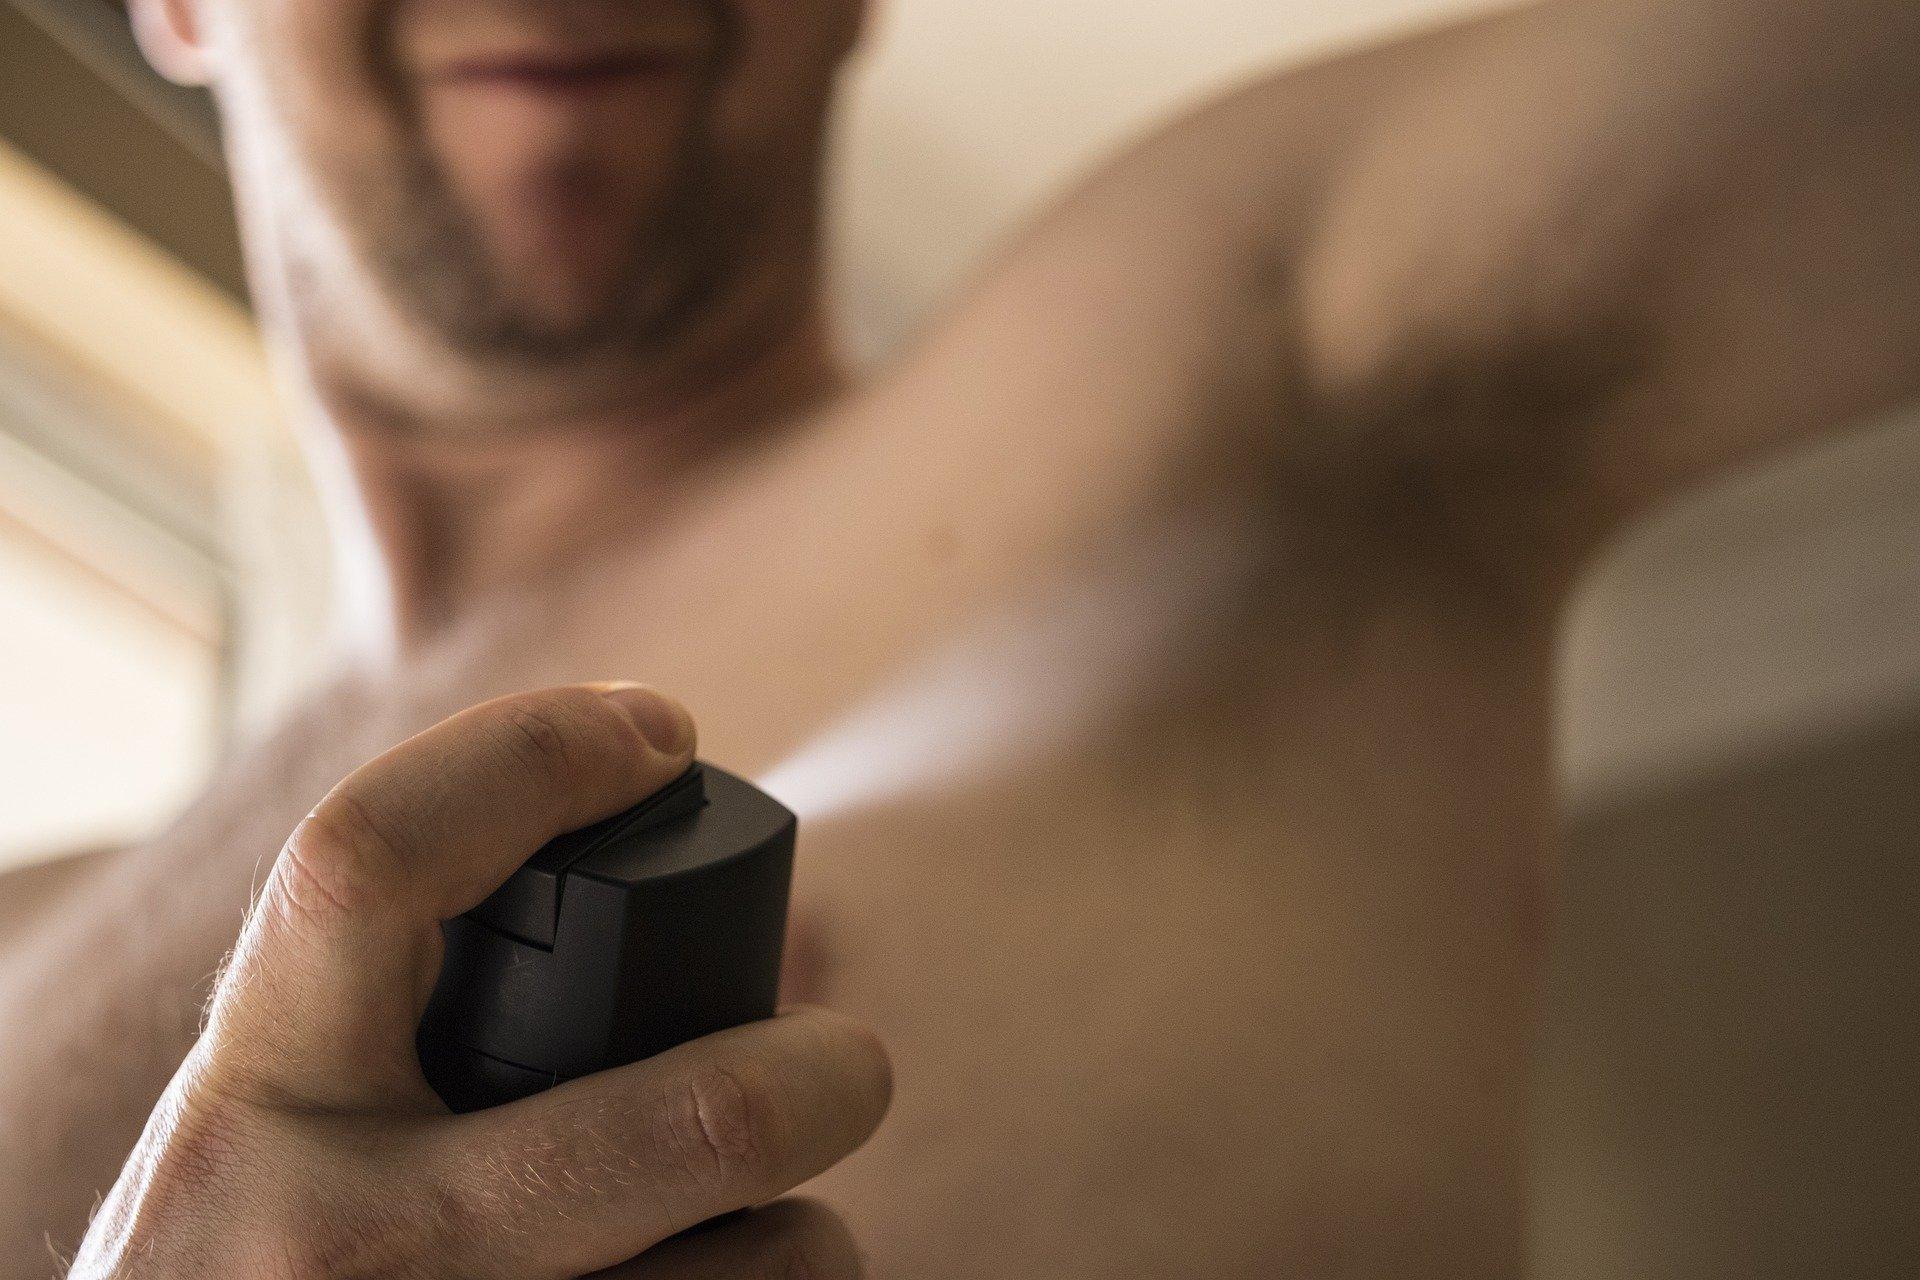 Imagem mostra um homem passando desodorante.